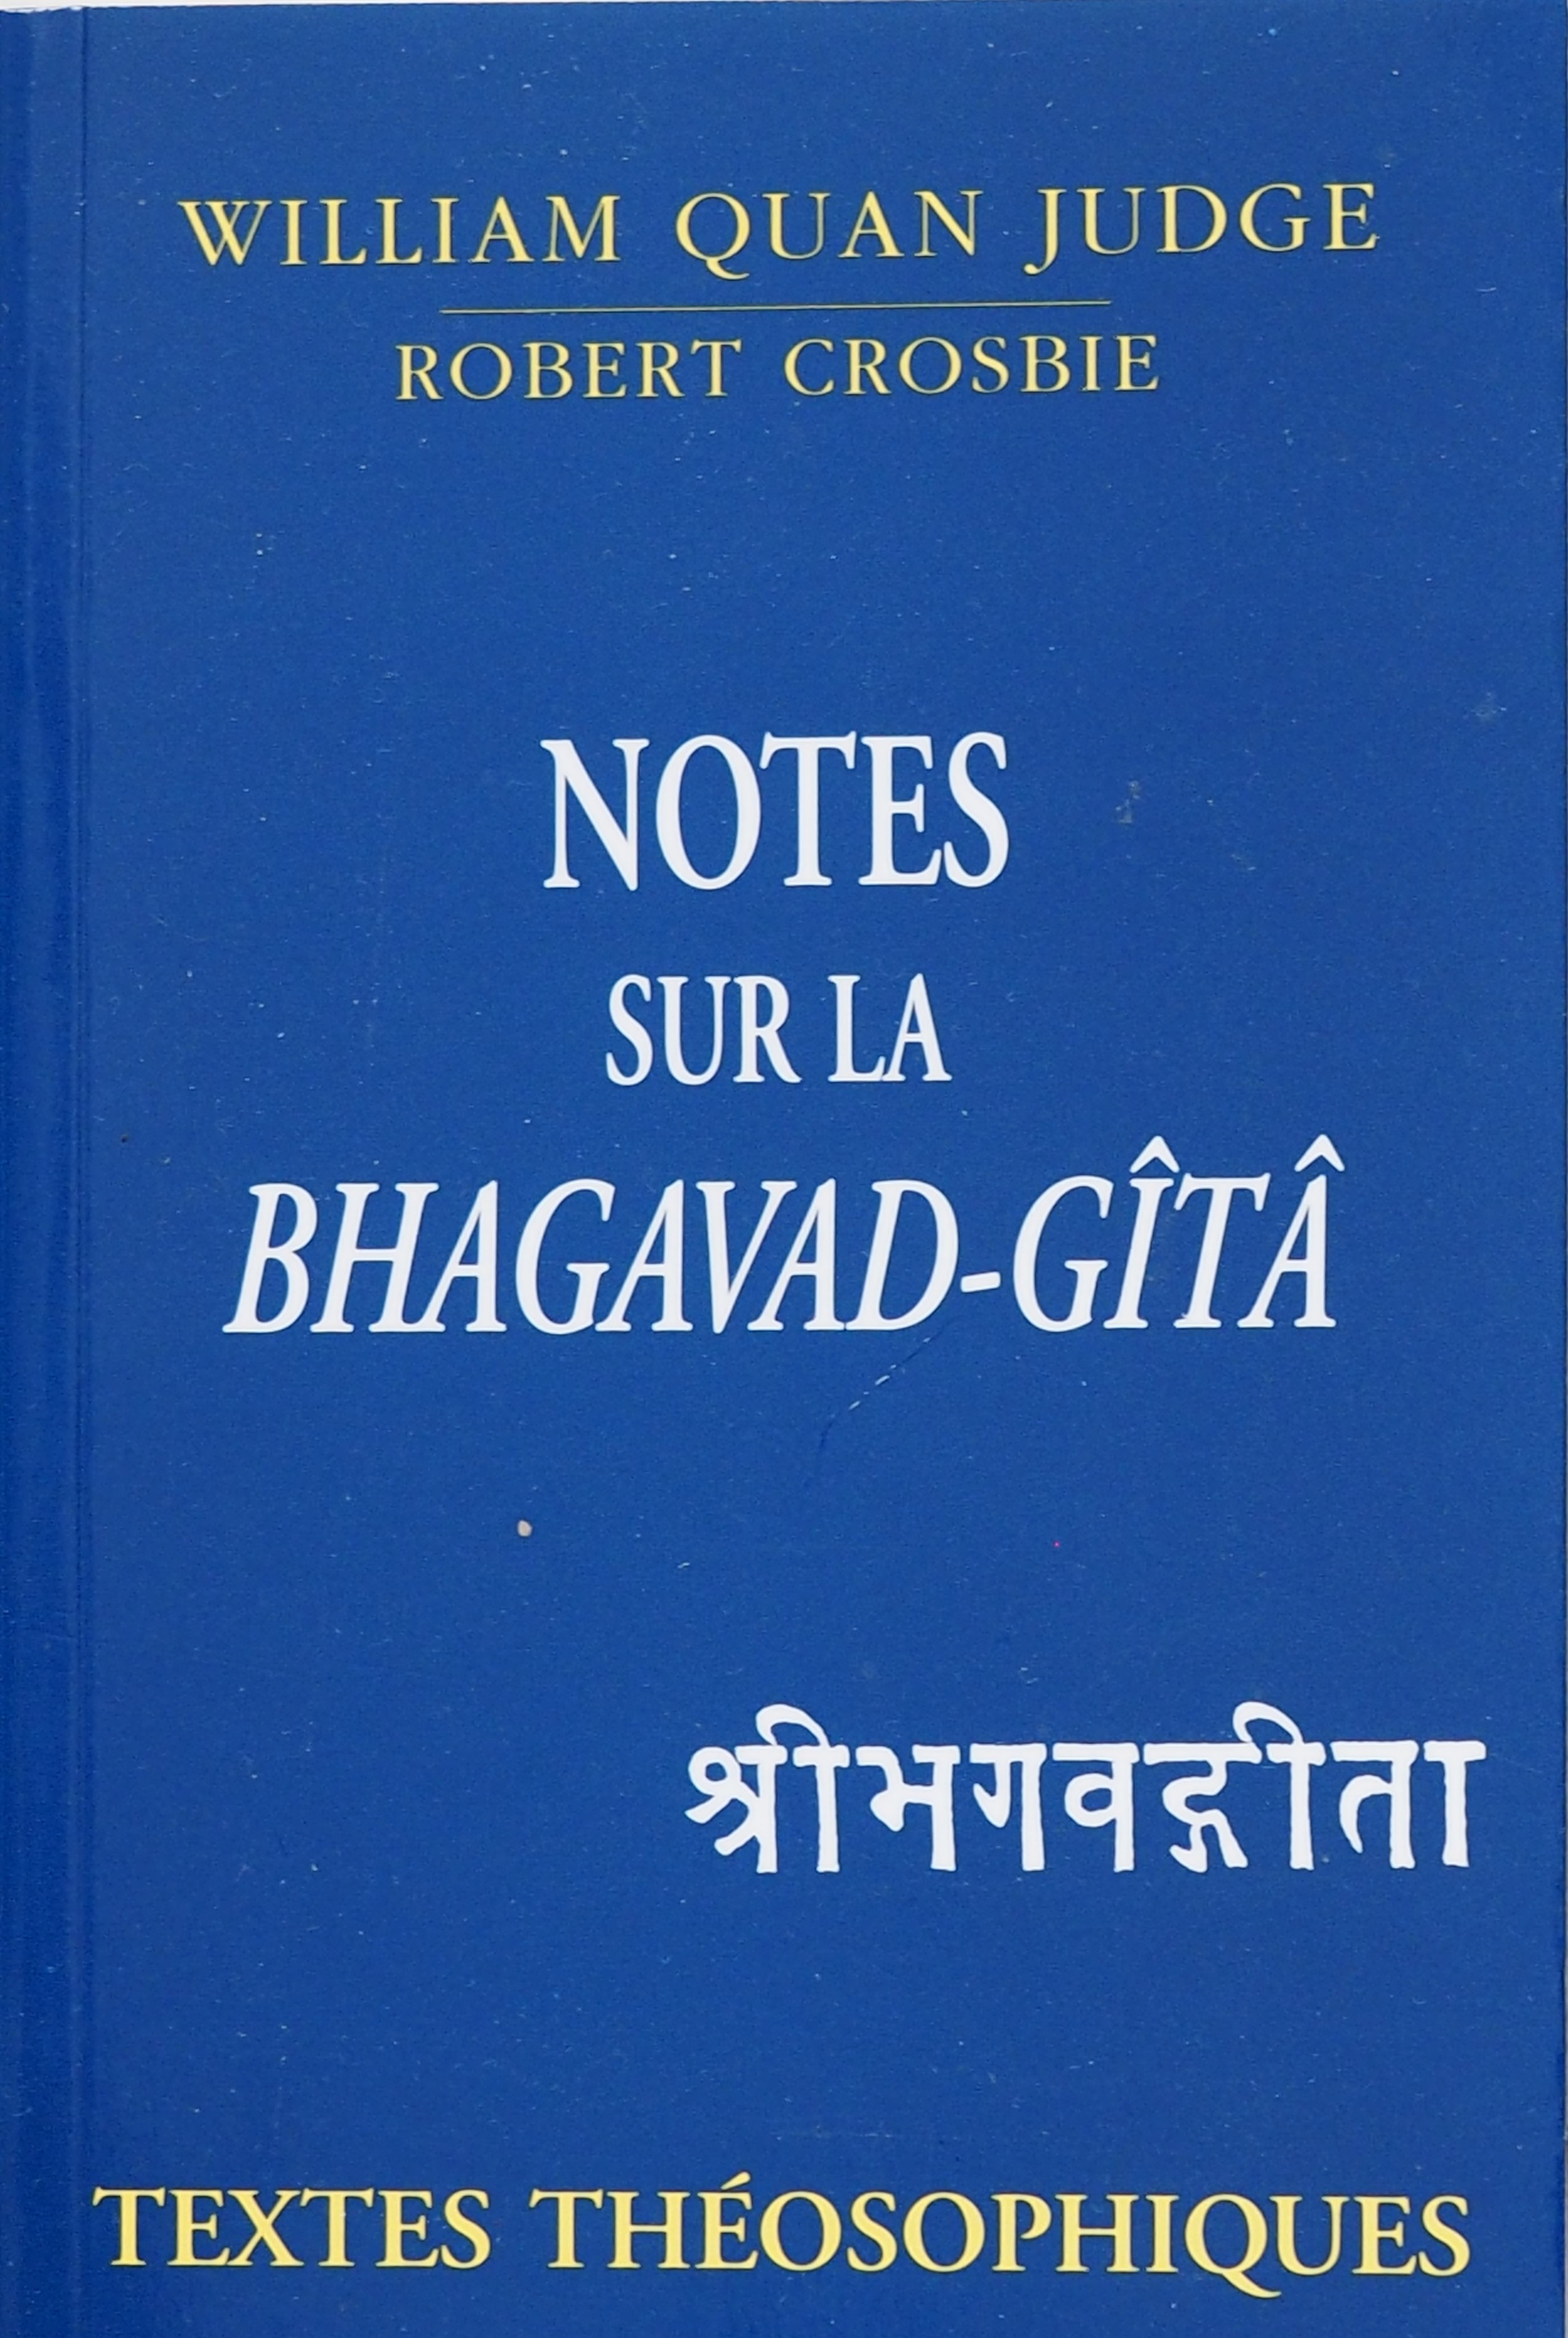 Photo couverture du livre Les Notes sur la Bhagavad-Gita